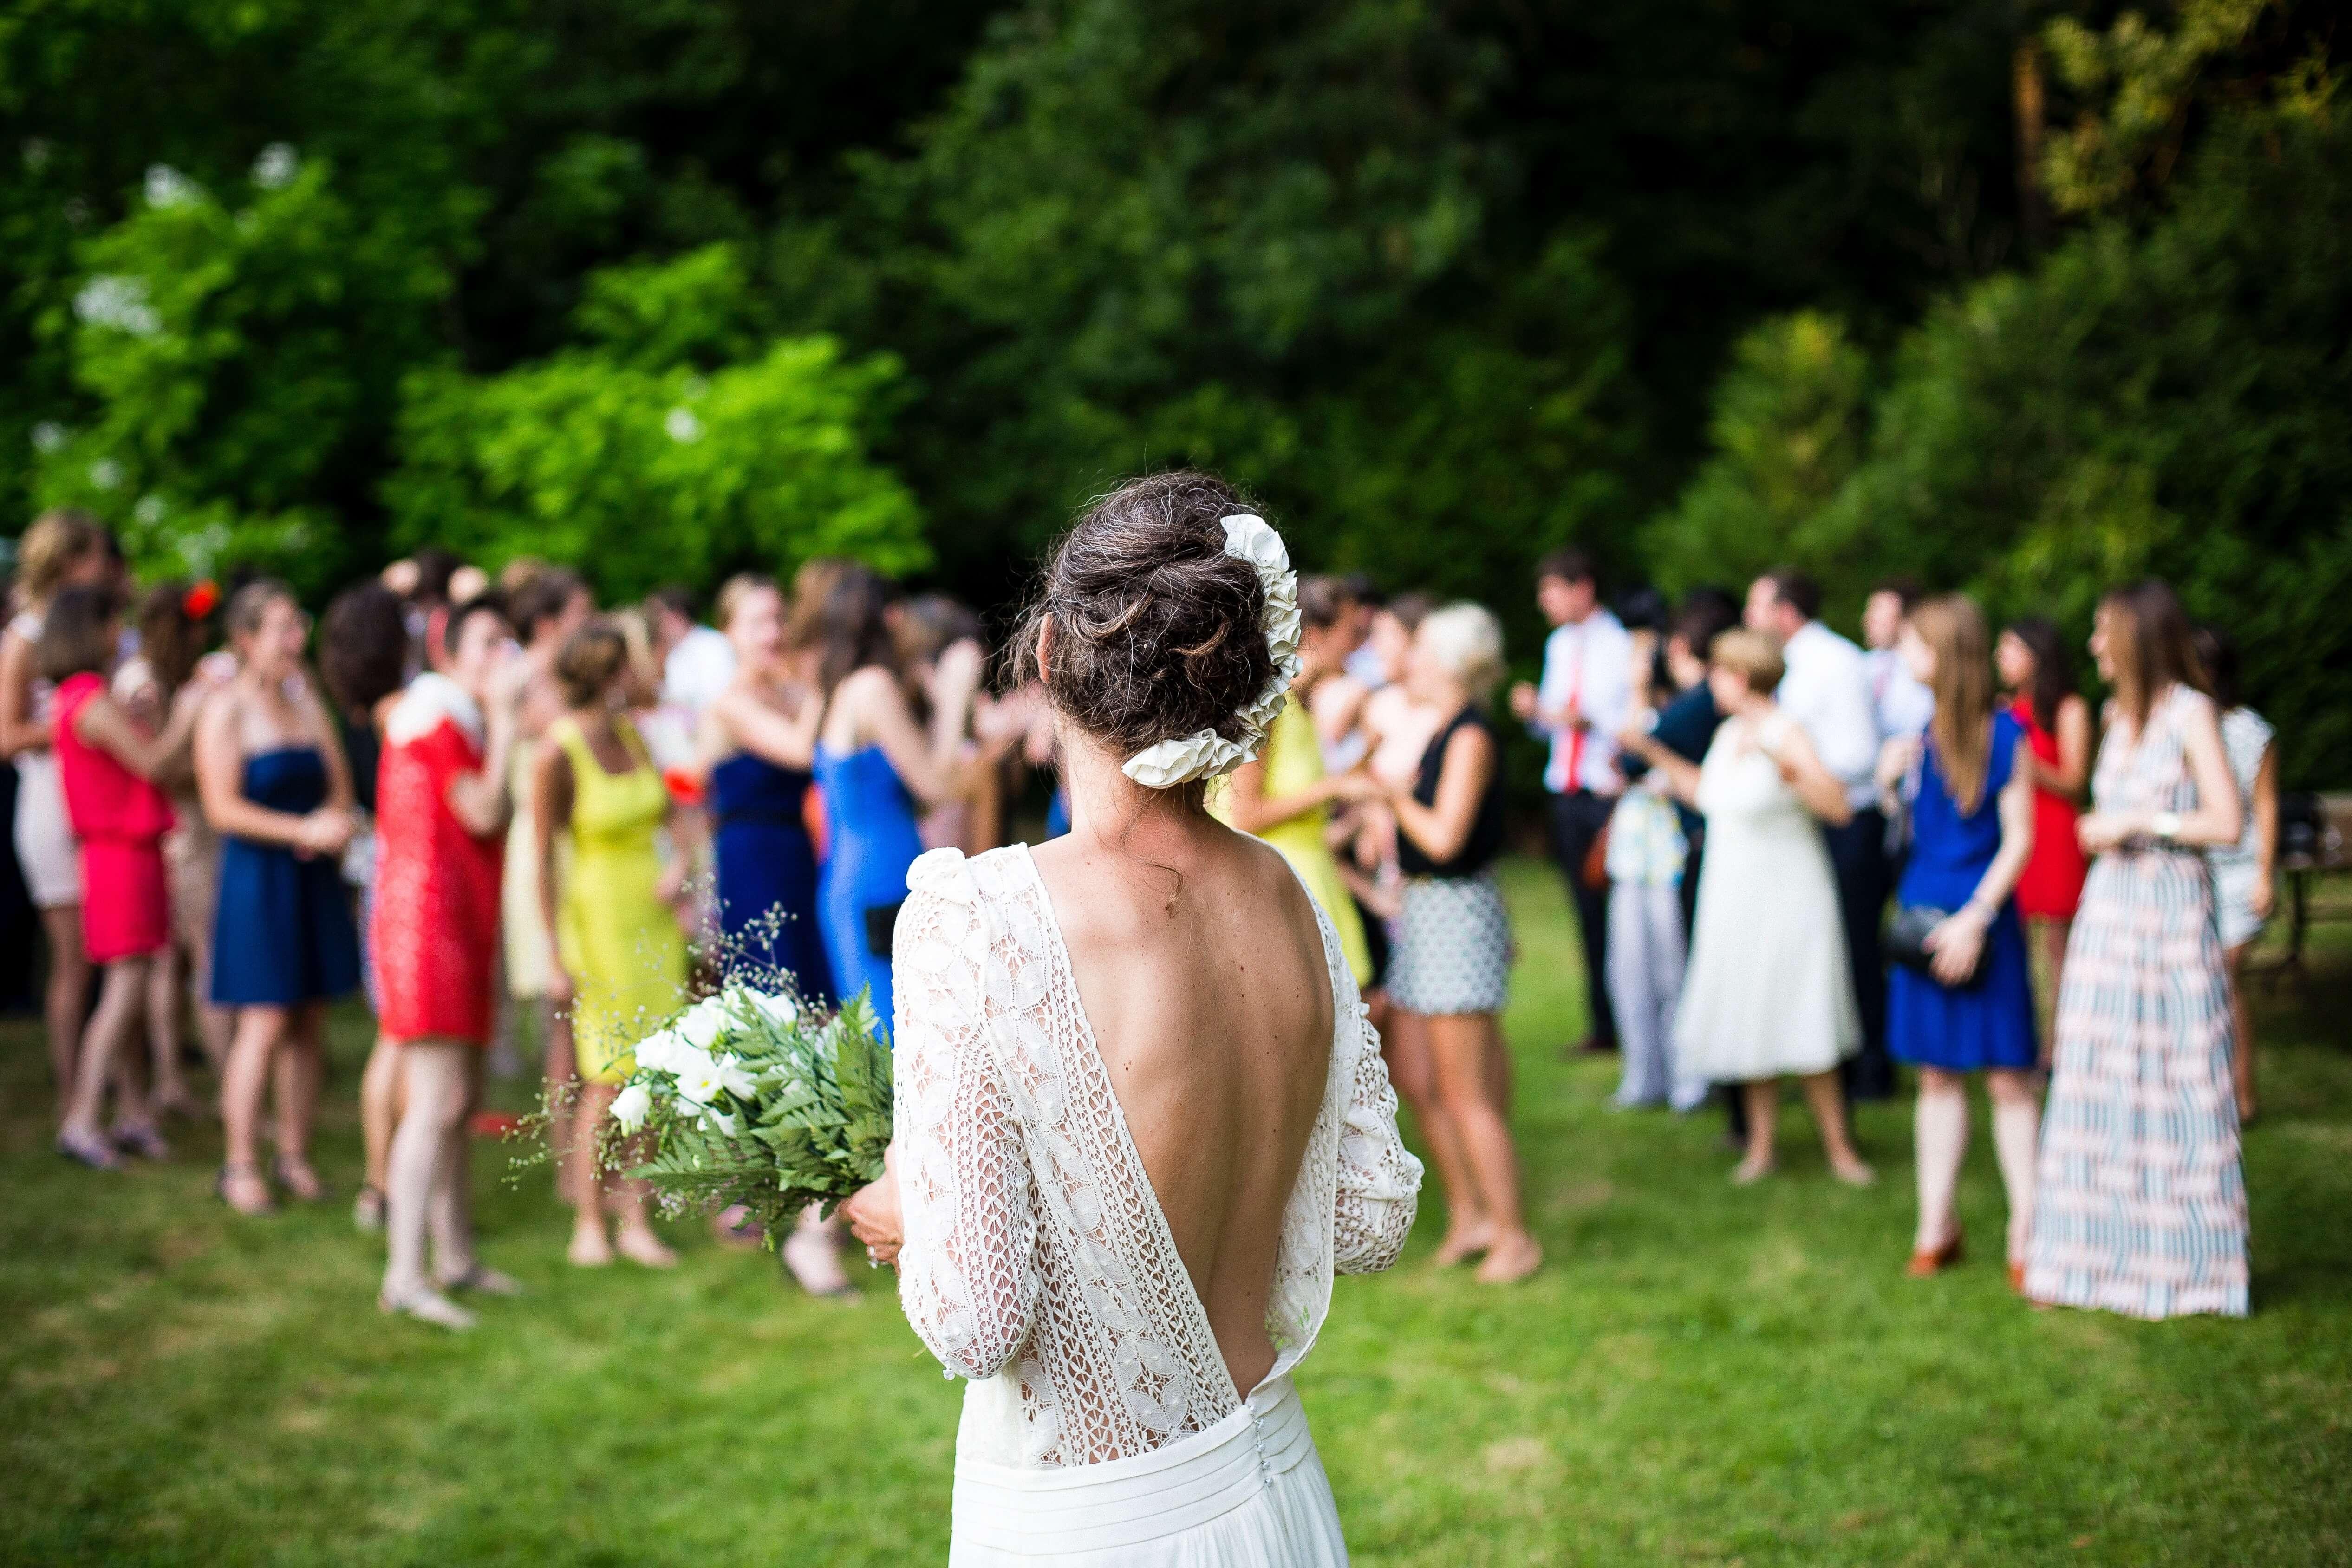 花嫁の向こうにいる群衆